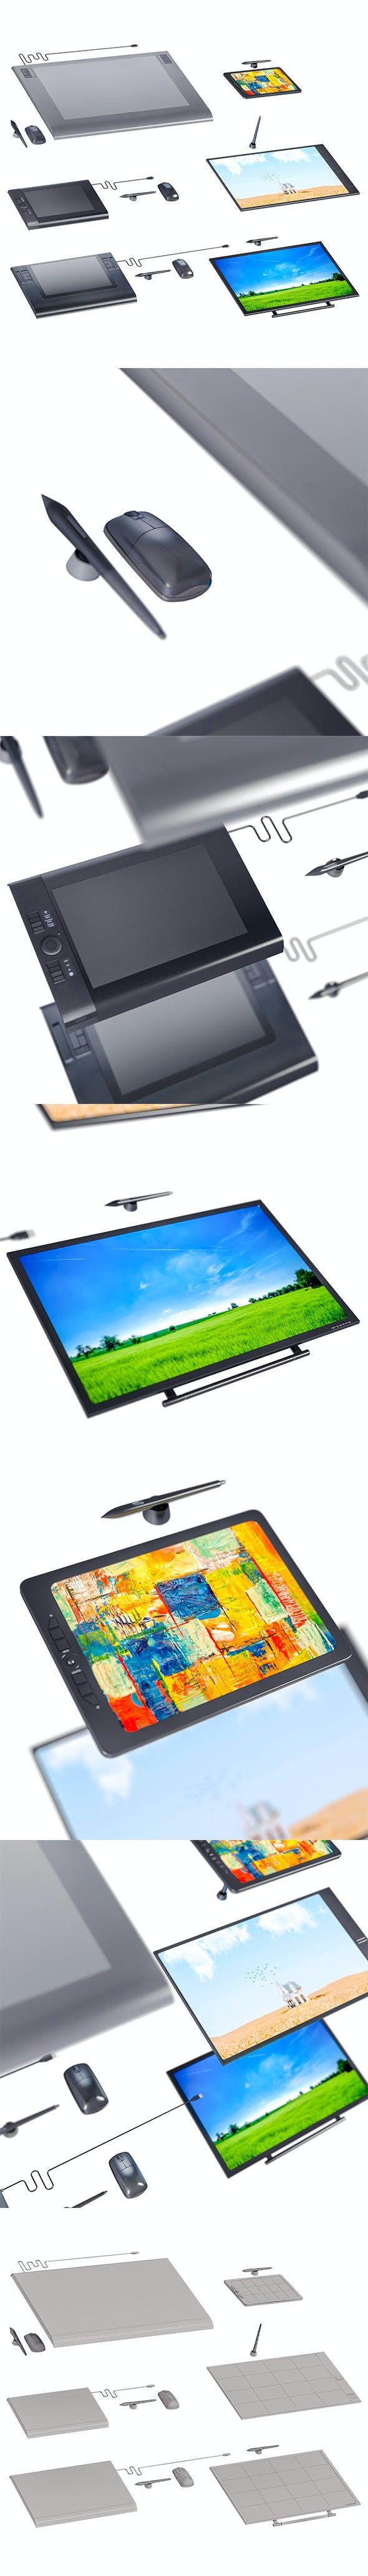 L3DV23G03 - computer graphics tablets set - 3DOcean Item for Sale